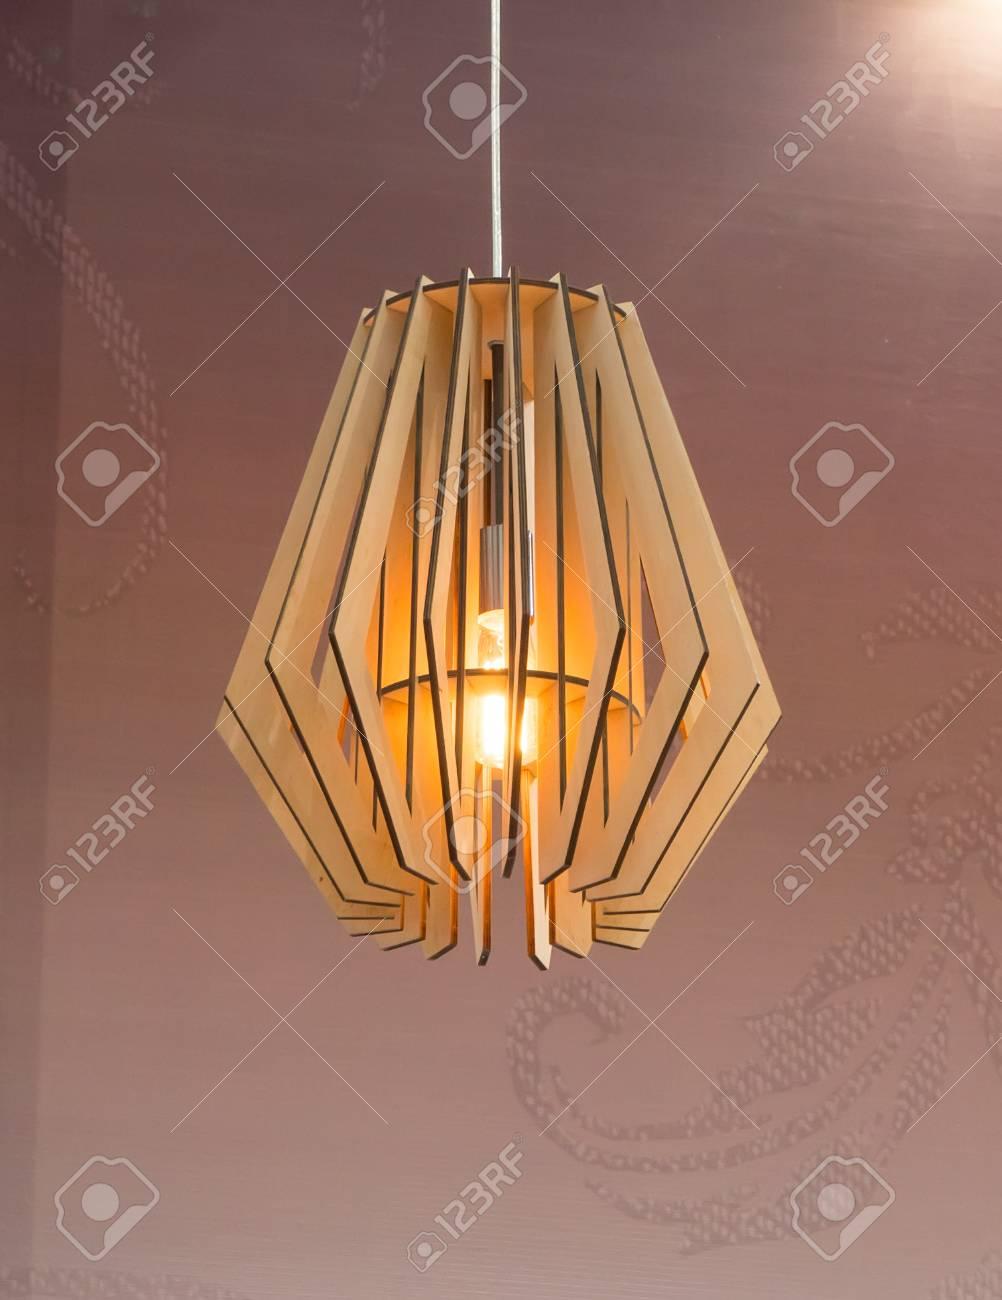 Full Size of Holzlampe Holz Lampe An Hngen Lizenzfreie Fotos Wohnzimmer Bad Led Küche Für Betten Bett Schlafzimmer Esstisch Im Wohnzimmer Holzlampe Decke